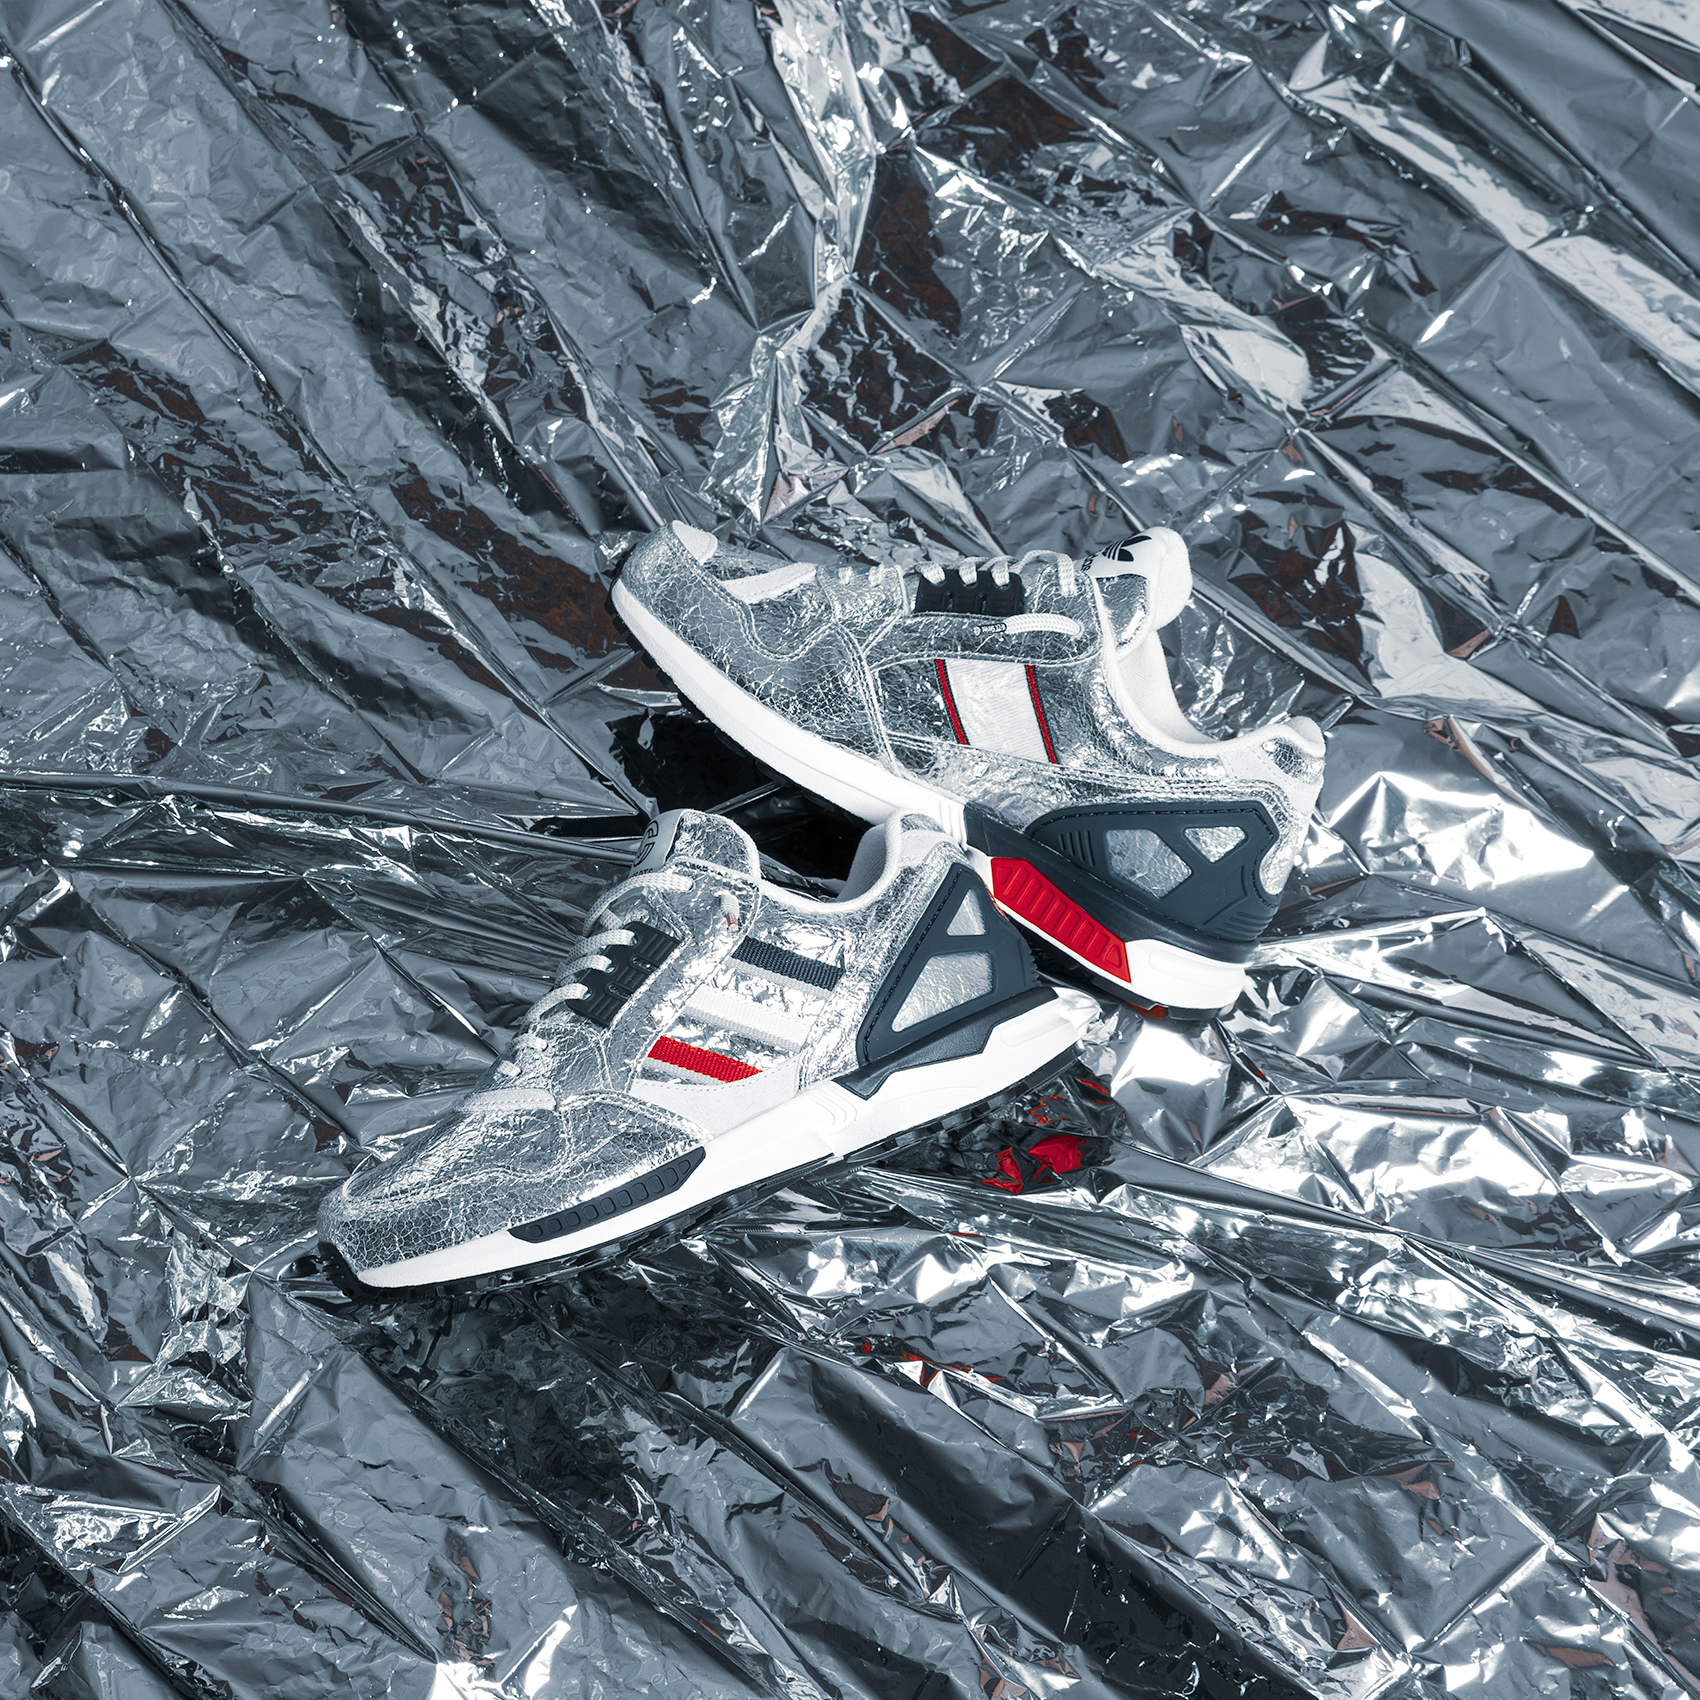 Concepts x adidas Originals A-ZX 9000 | Raffle Closed!